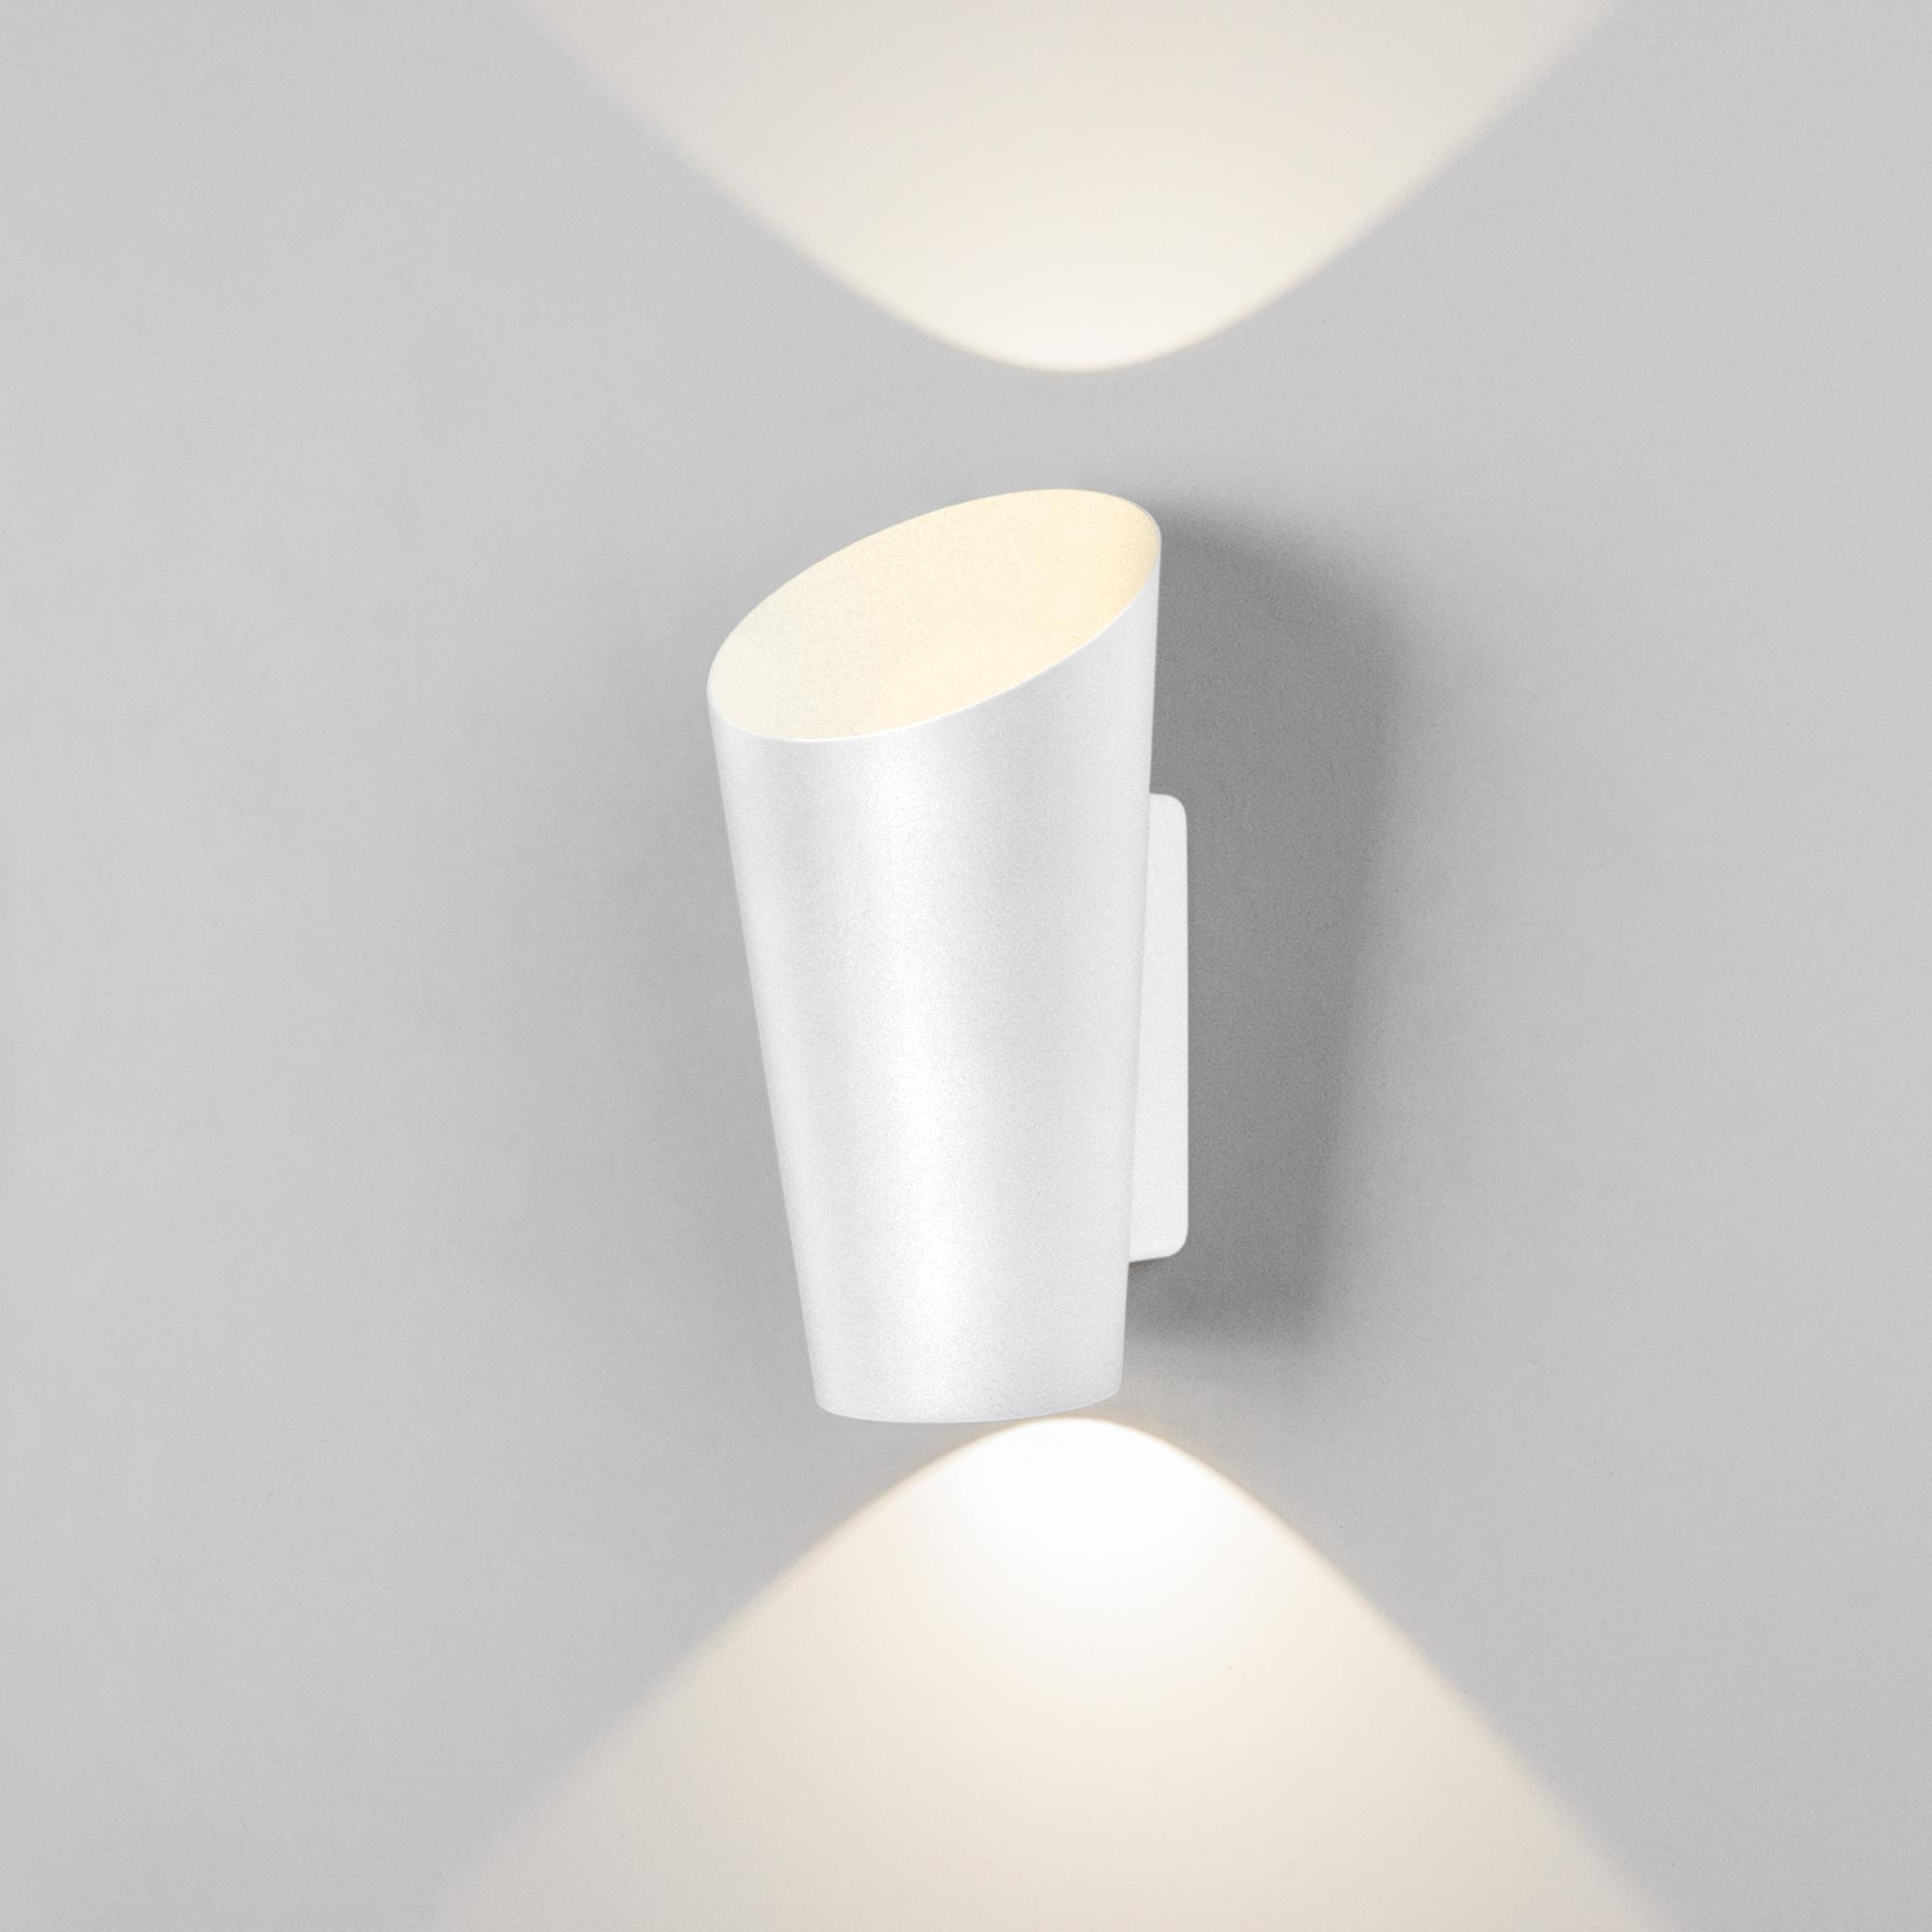 Уличный настенный светодиодный светильник Tronc IP54 1539 TECHNO LED белый